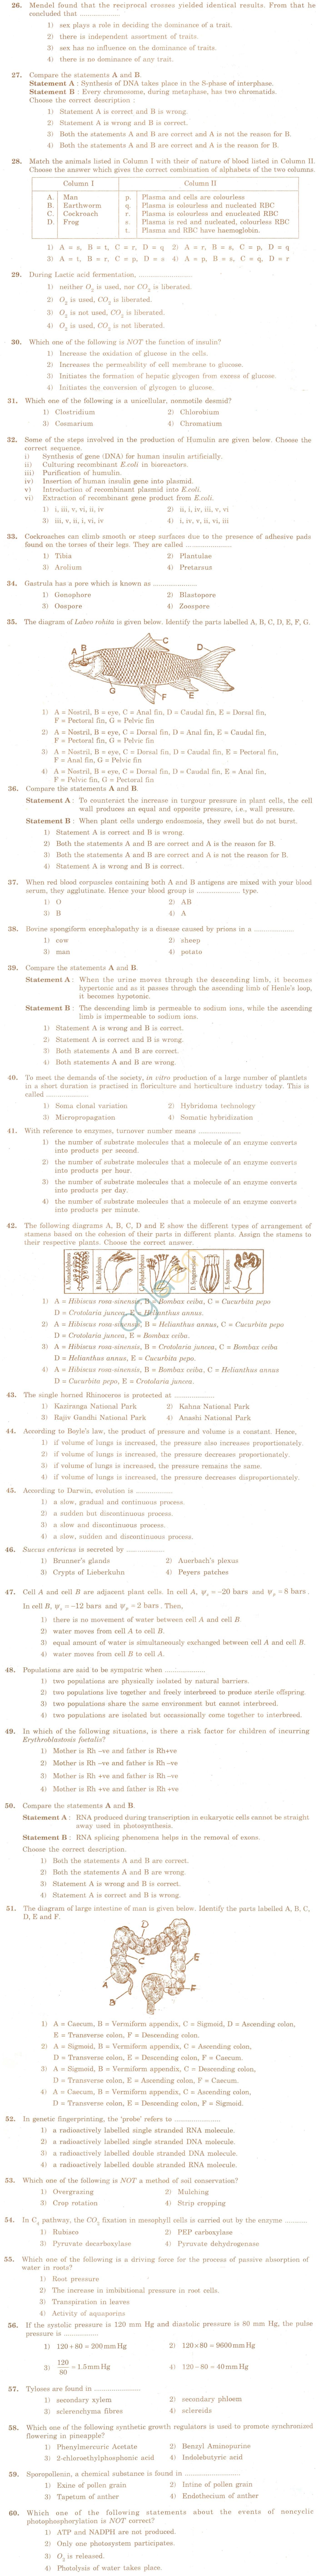 KCET 2010 Question Paper - Biology